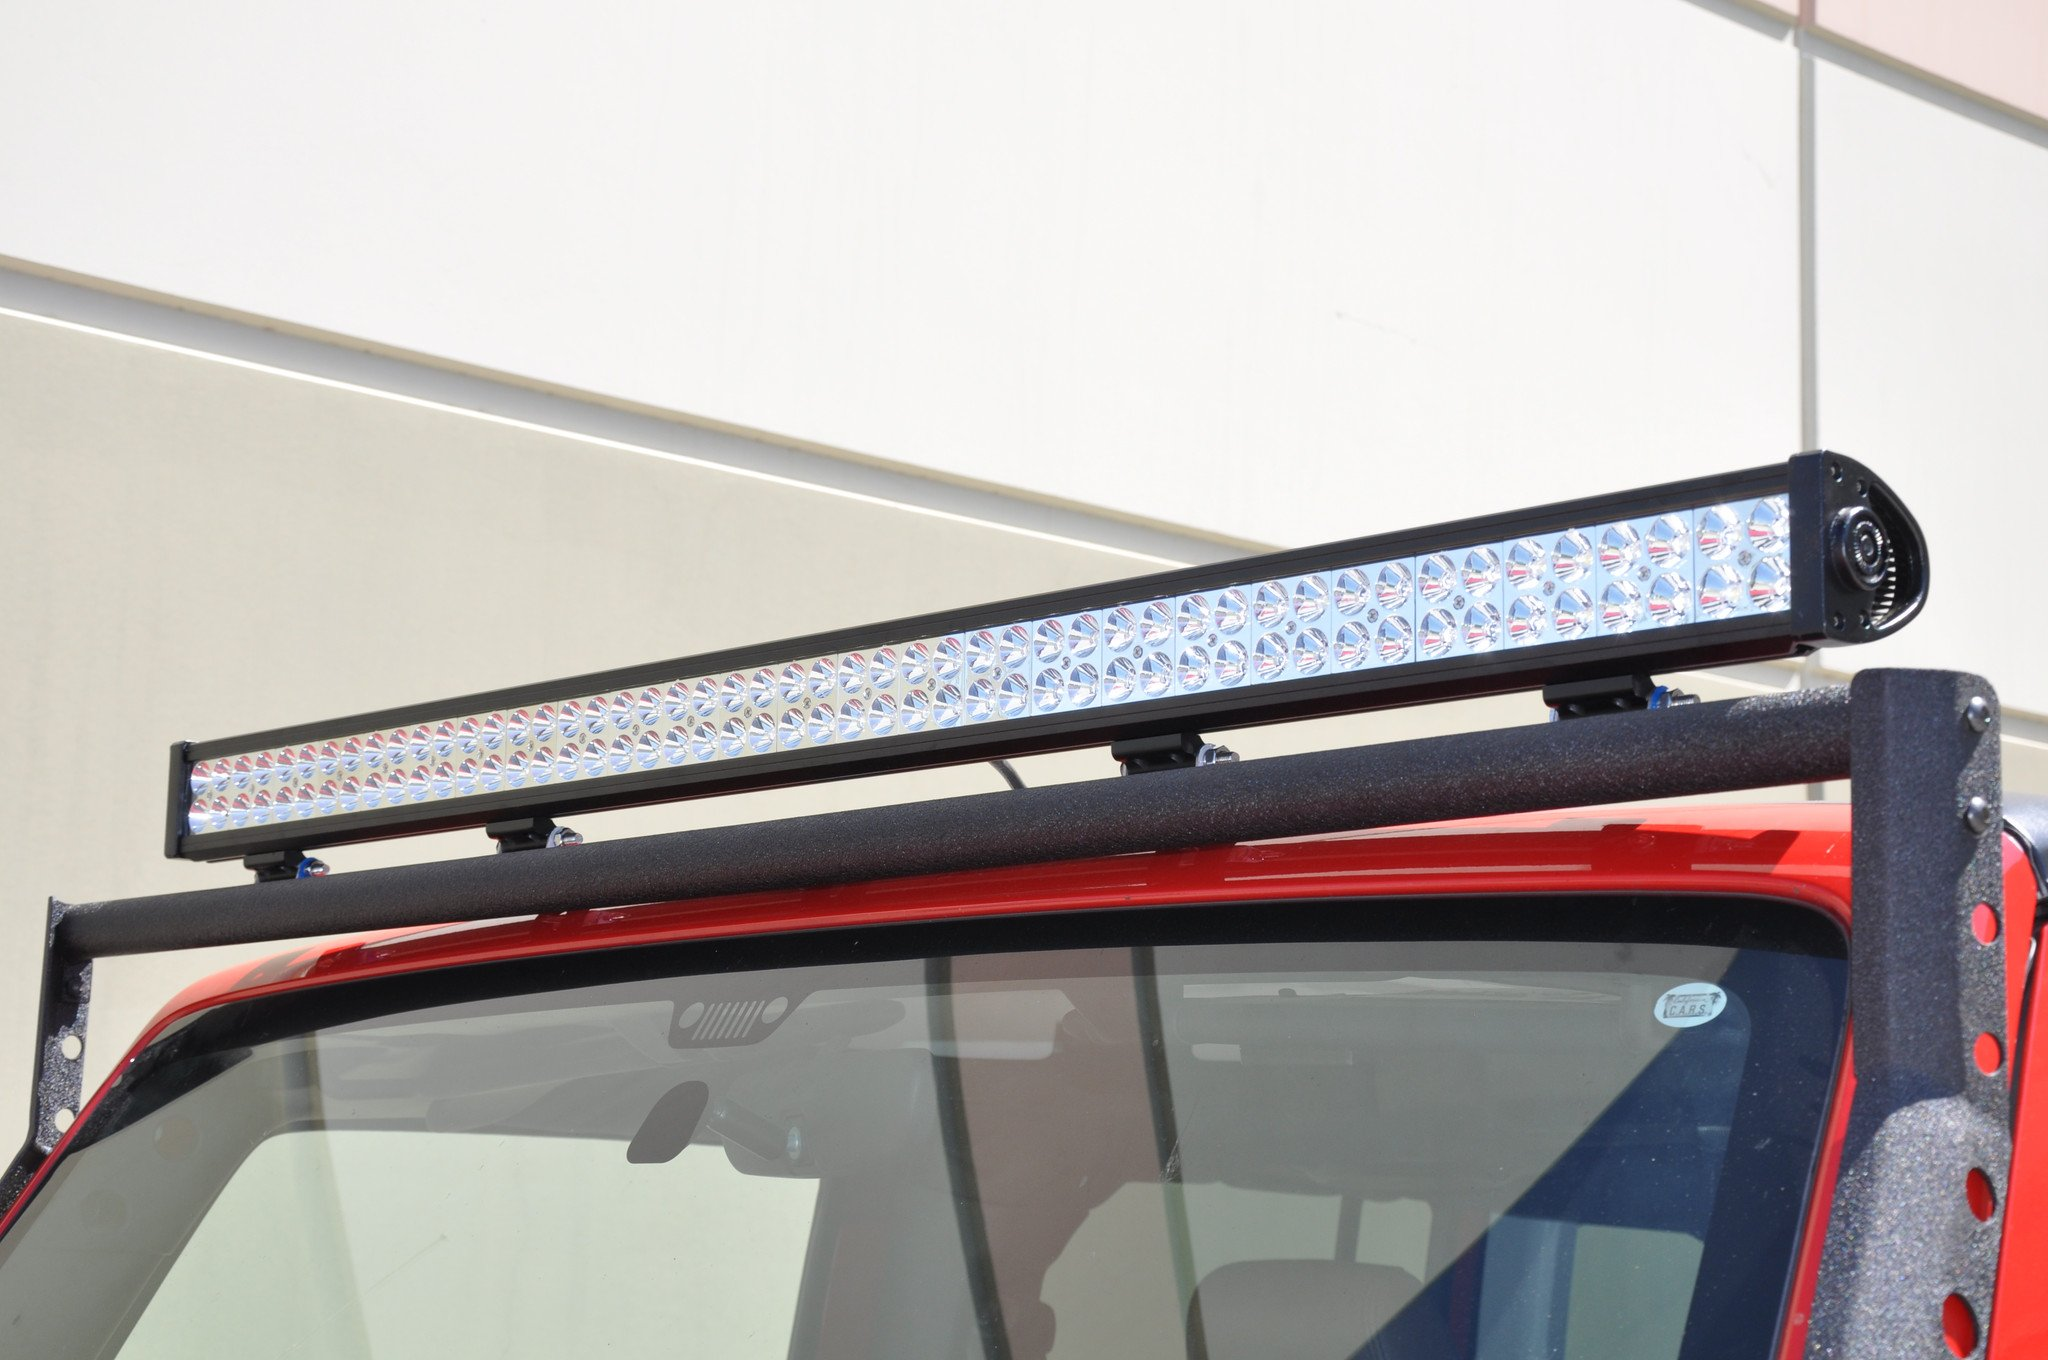 DV8 Offroad B50CE300W3W 50 Inch Light Bar 300W Flood/Spot 3W LED Chrome